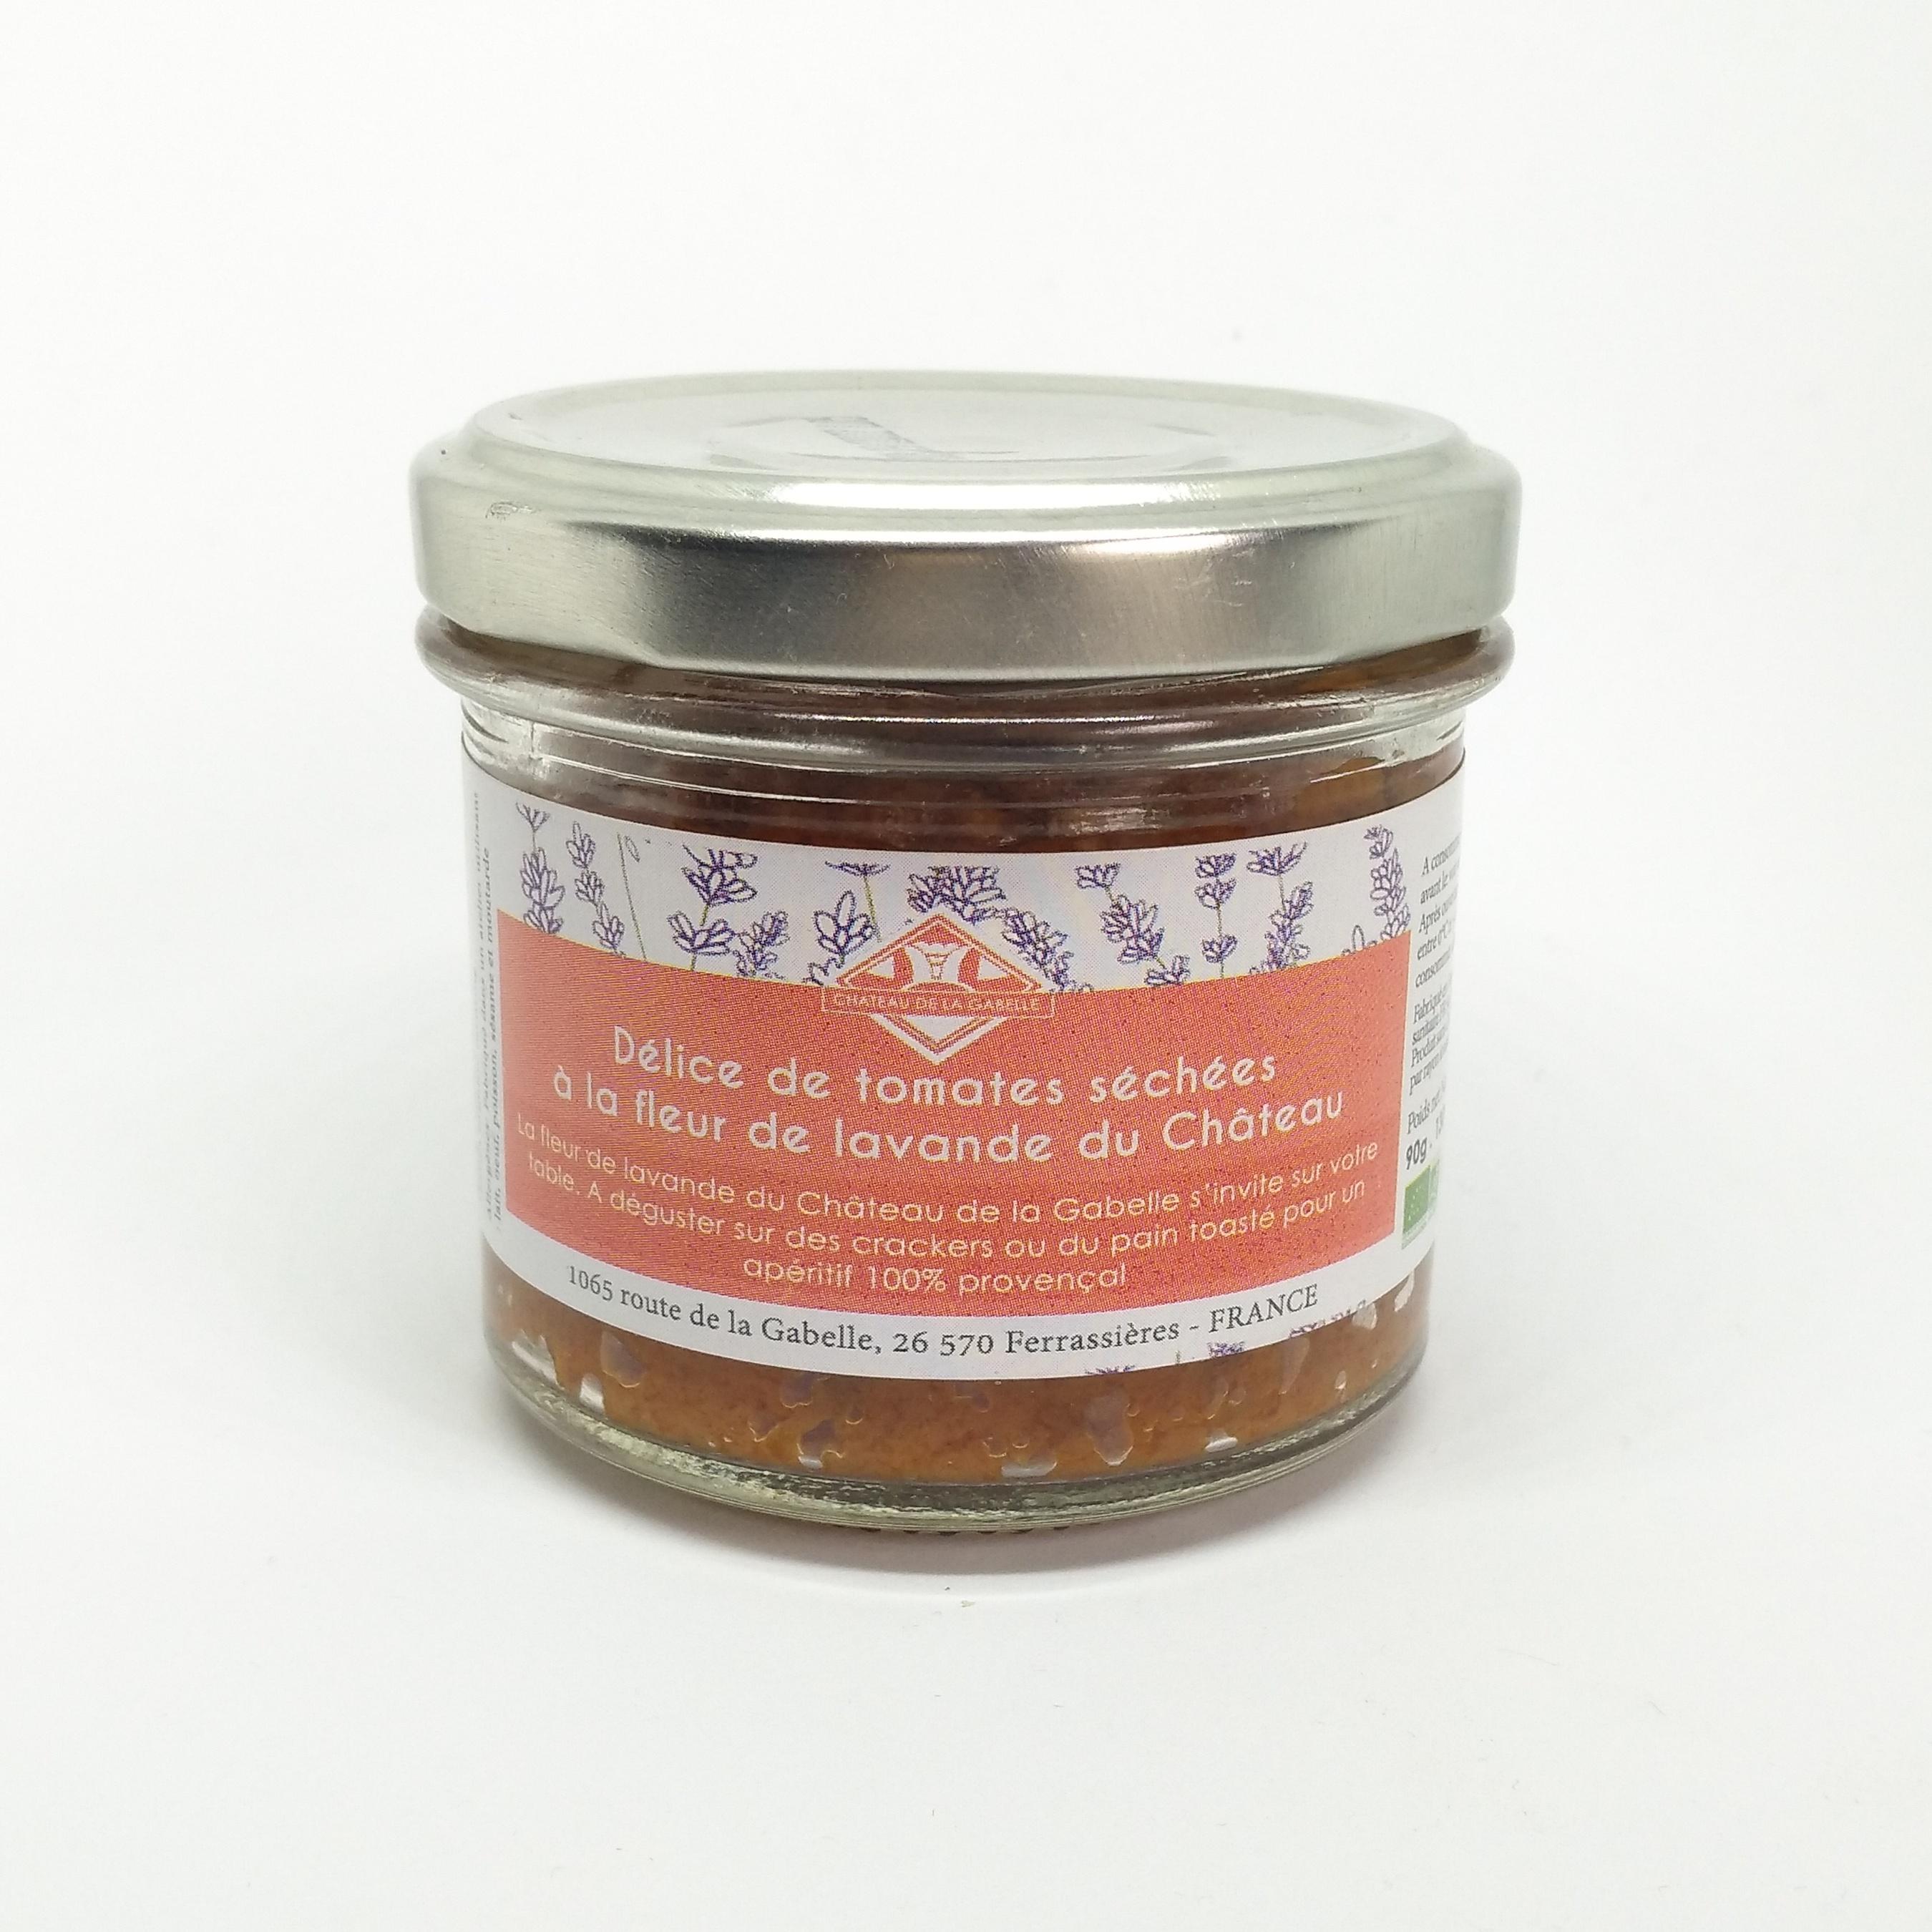 Une verrine originale à la tomate séchée avec une touche de Provence grâce à la fleur de lavande subtilement rajoutée